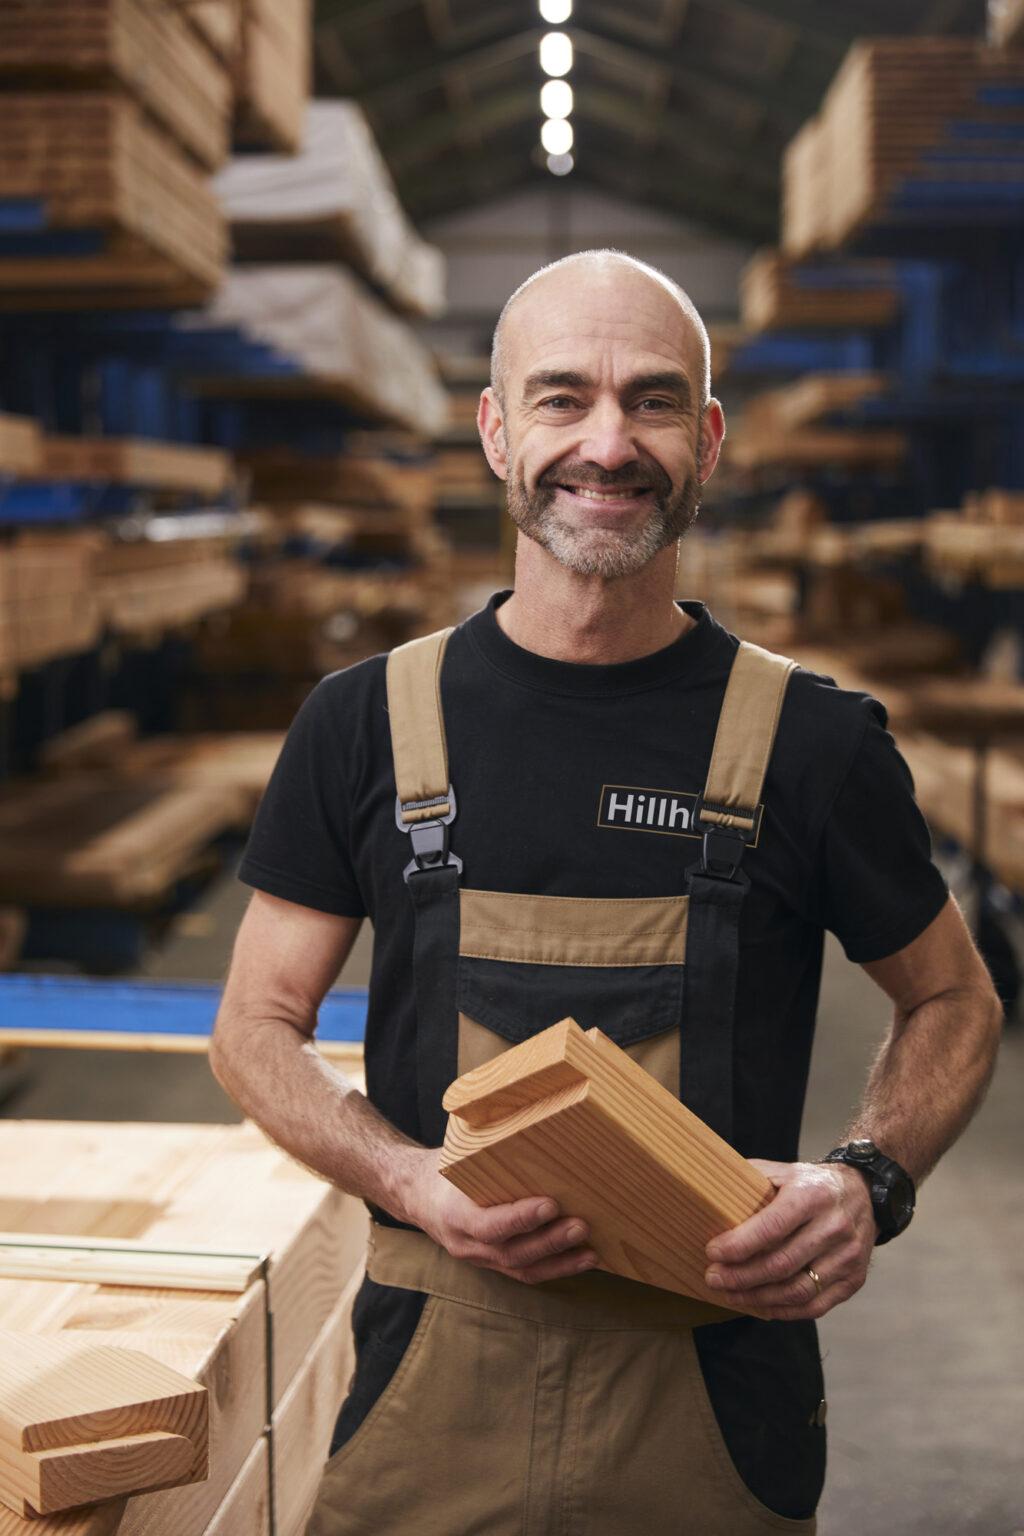 Herold Dat - Productiemedewerker Hillhout